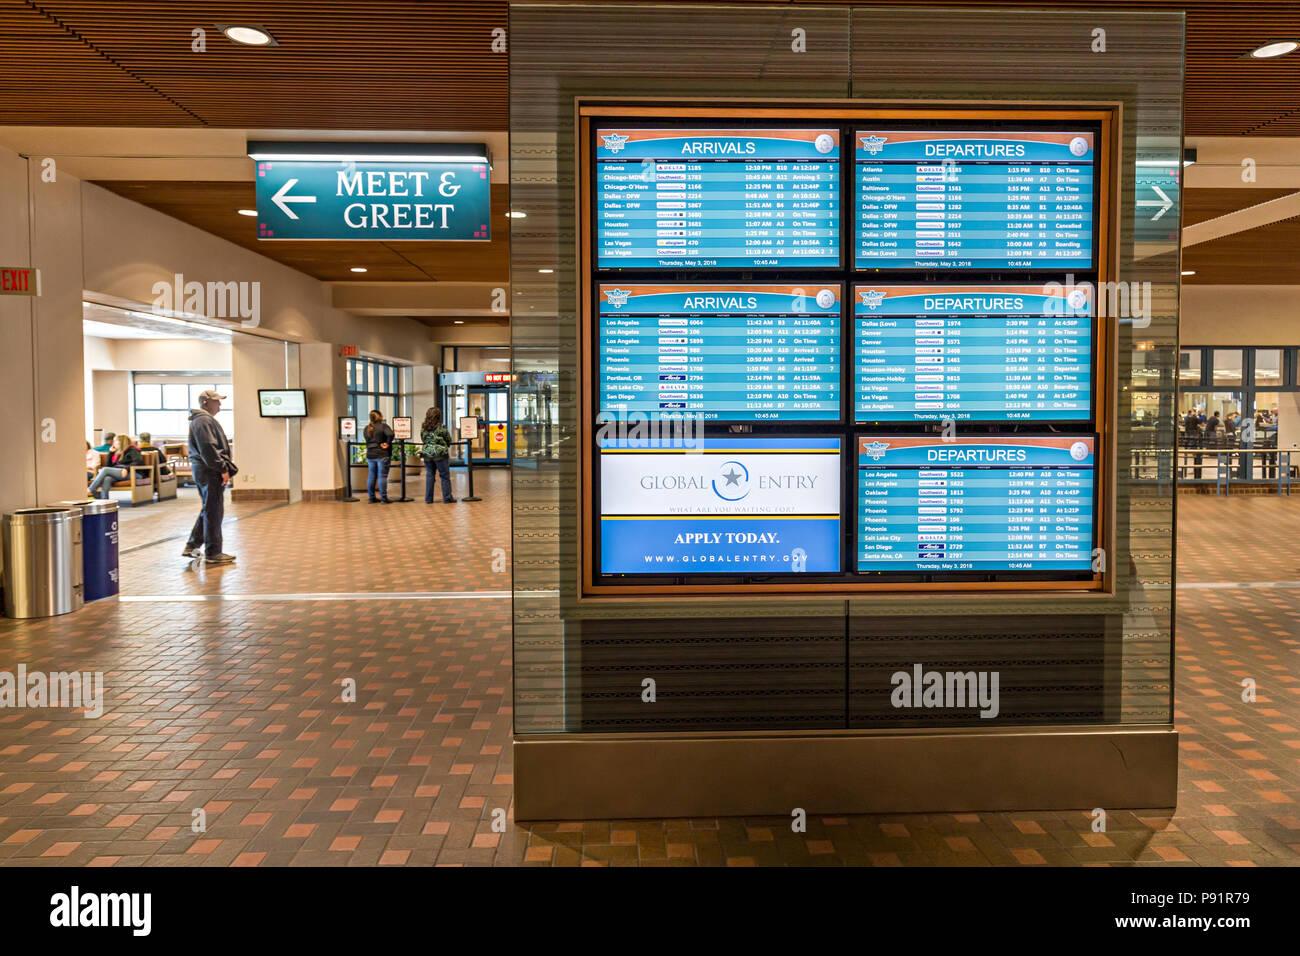 Ankünfte und Abflüge mit Meet & Greet Zeichen, Flughafen, Albuquerque, New Mexico, USA Stockbild